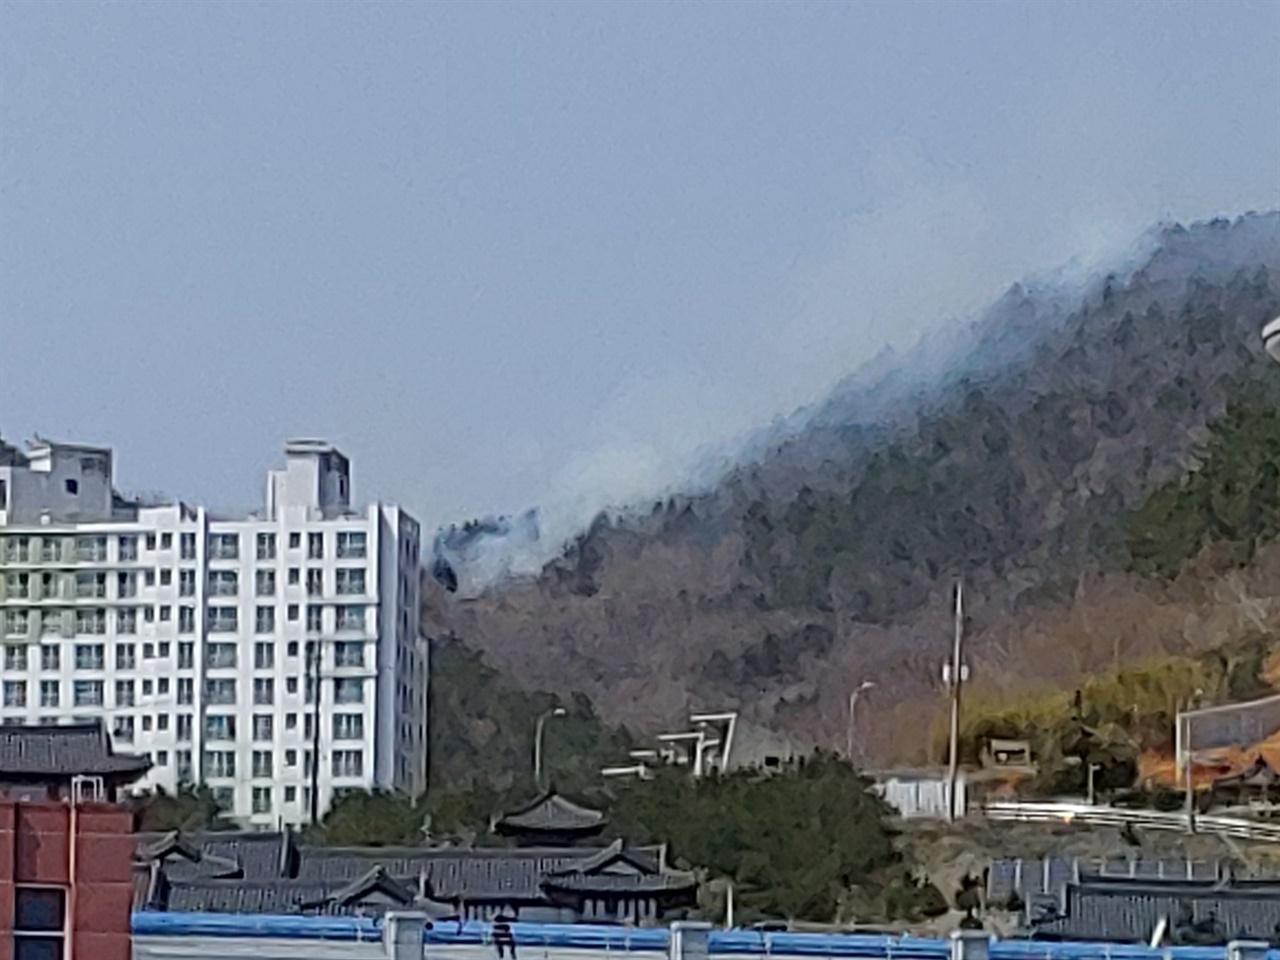 방화범이 불을질러 마래산에 산불이 번지고 있는 모습